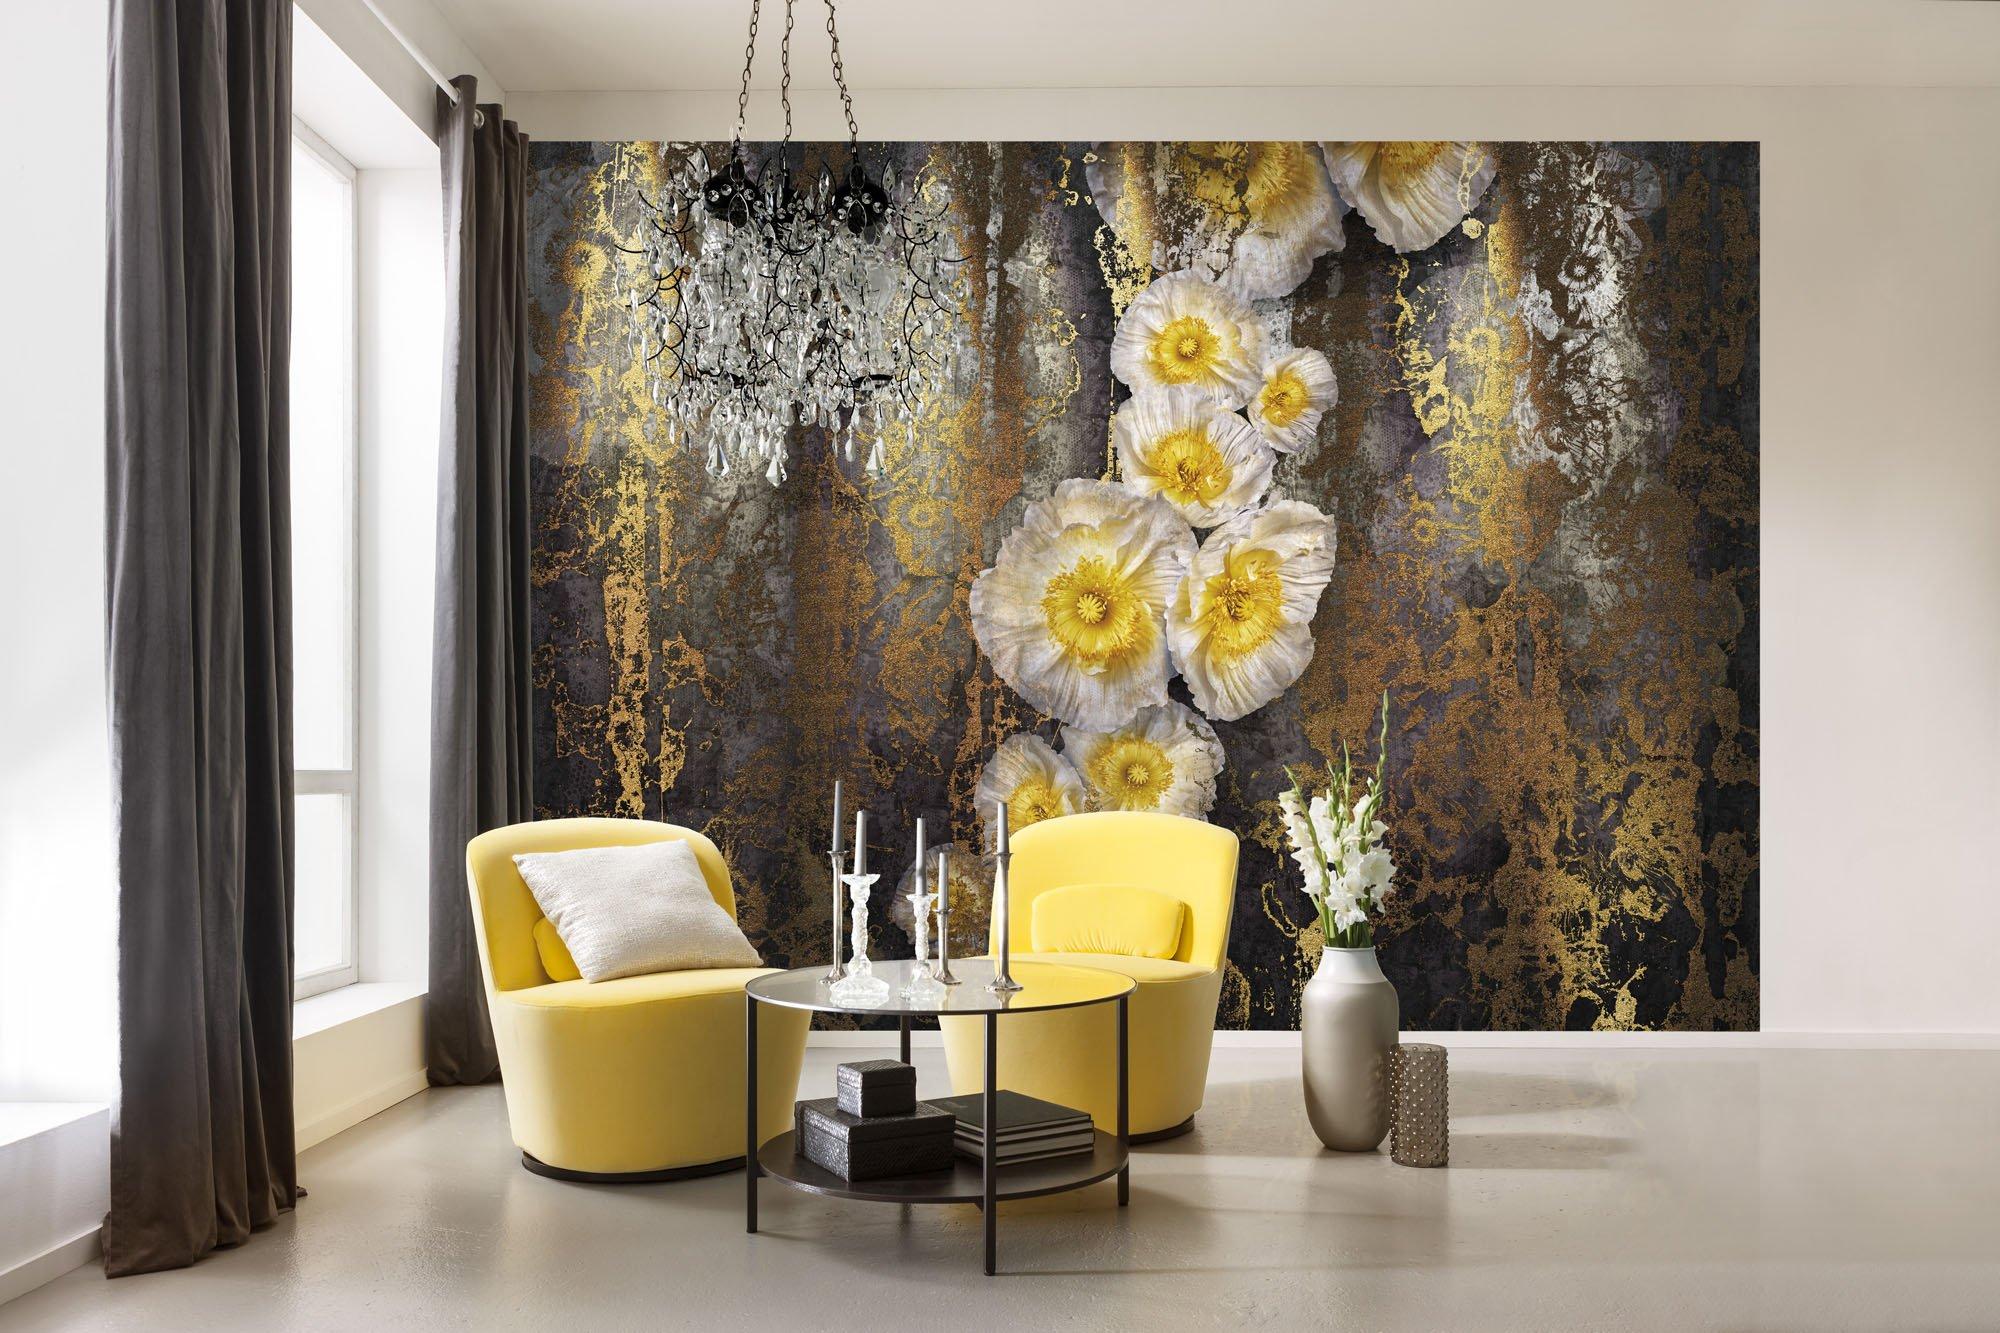 flower wallpaper mural amazon co ukkomar 8 963 serafina flower floral wallpaper mural, yellow, 368 x 254 cm